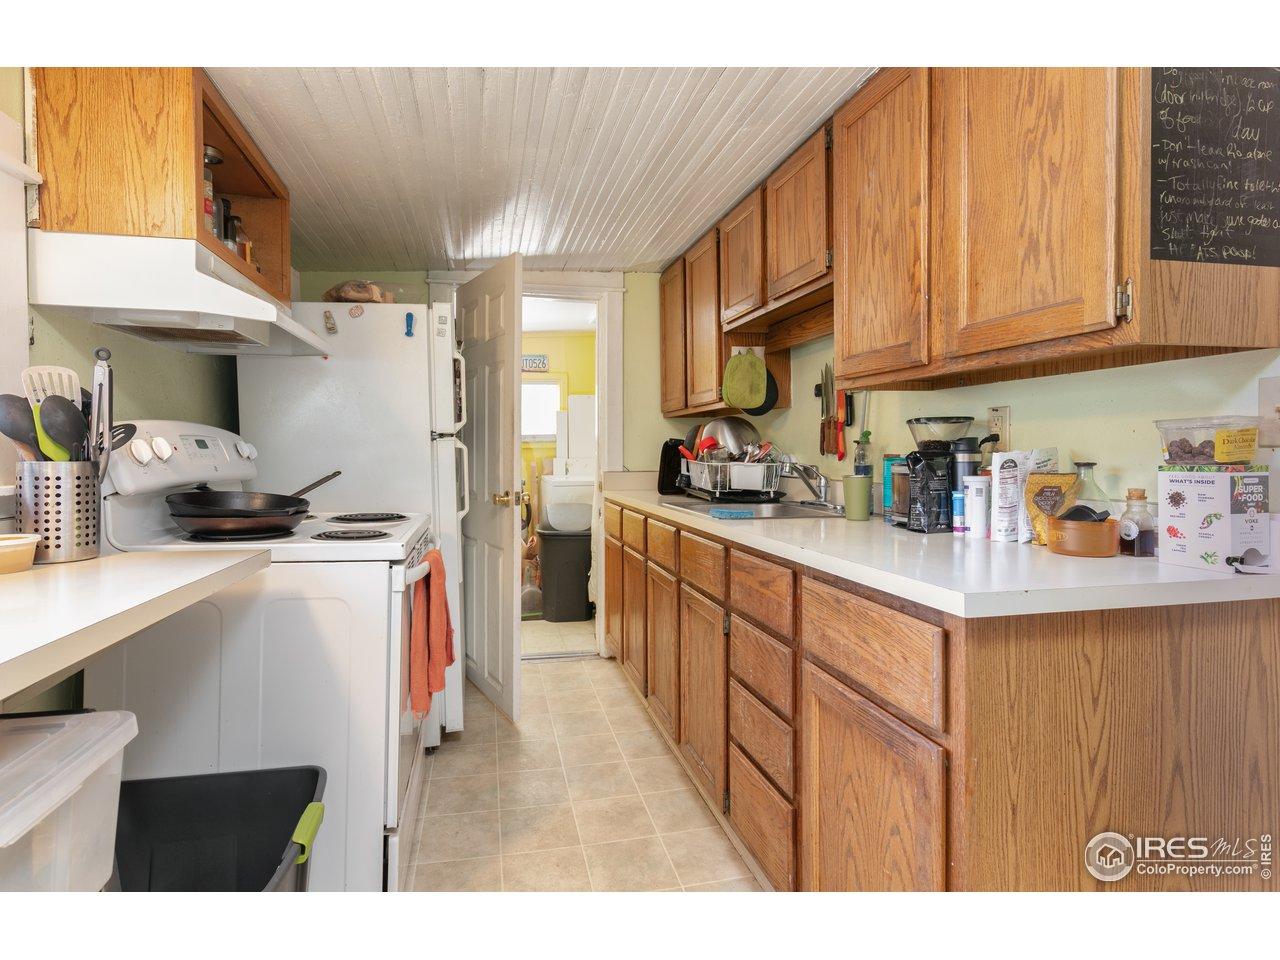 Unit 2 Galley Kitchen